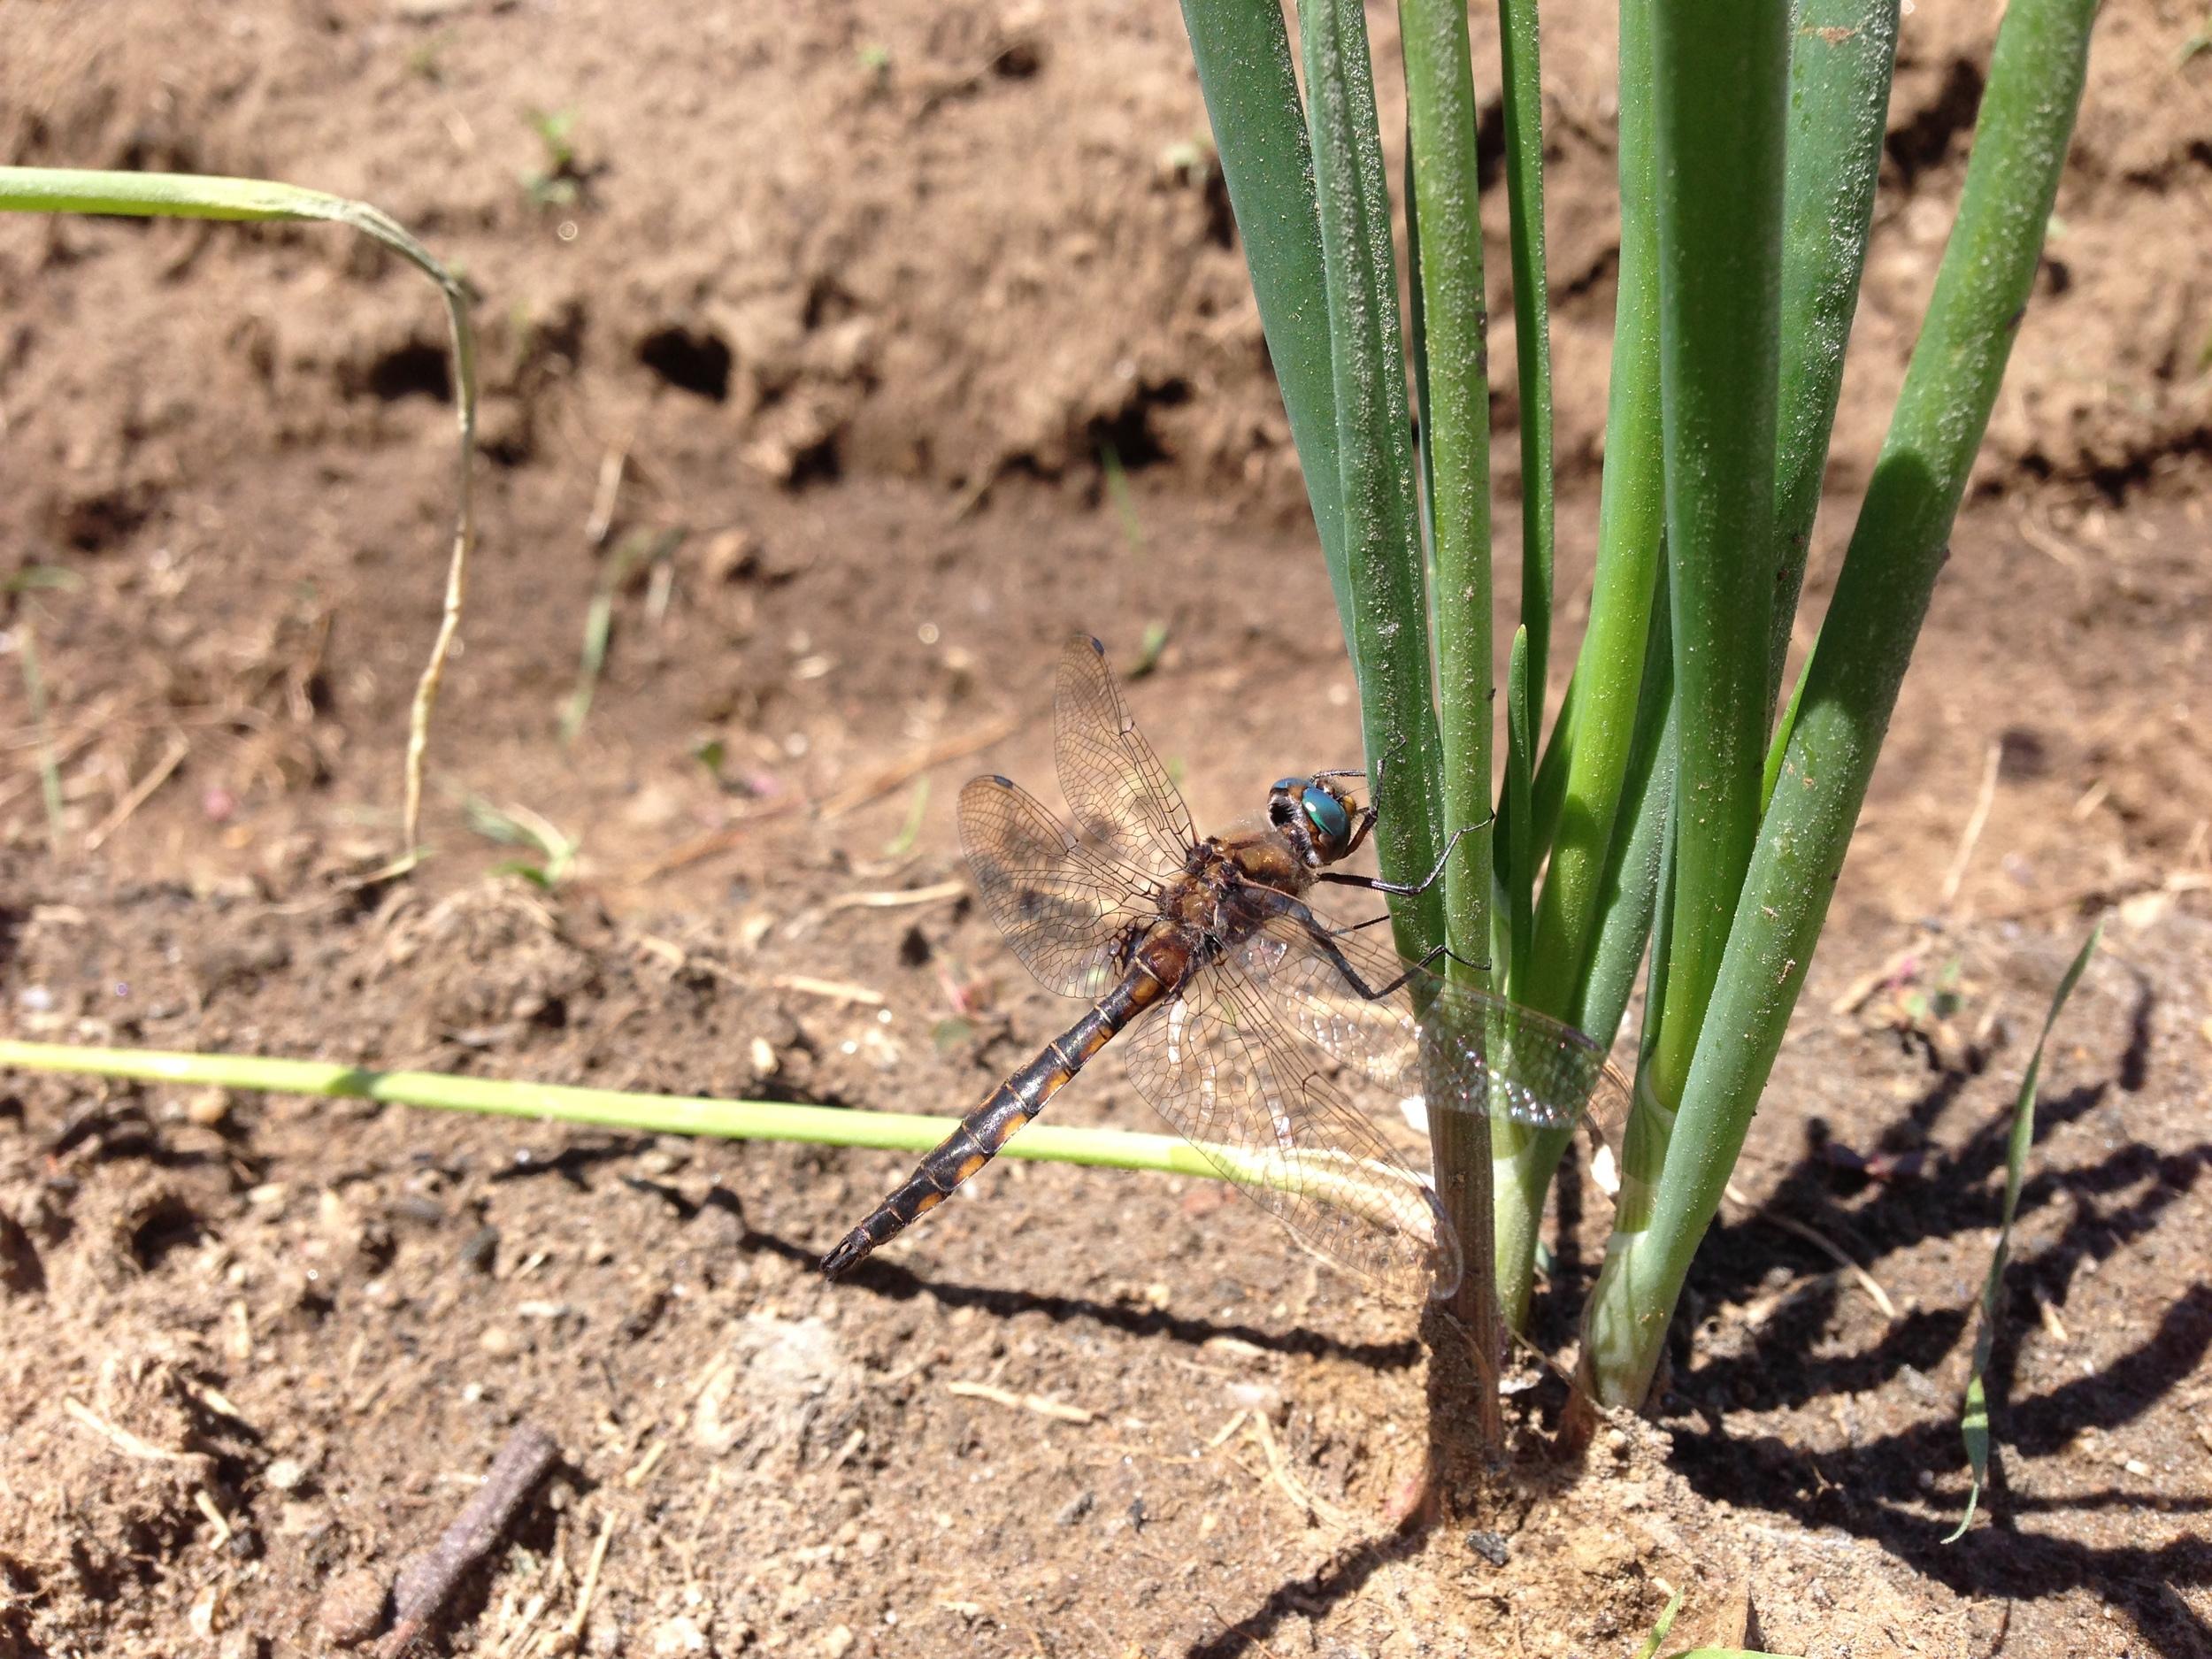 La libéllulenous progège des mouches noires et moutiques